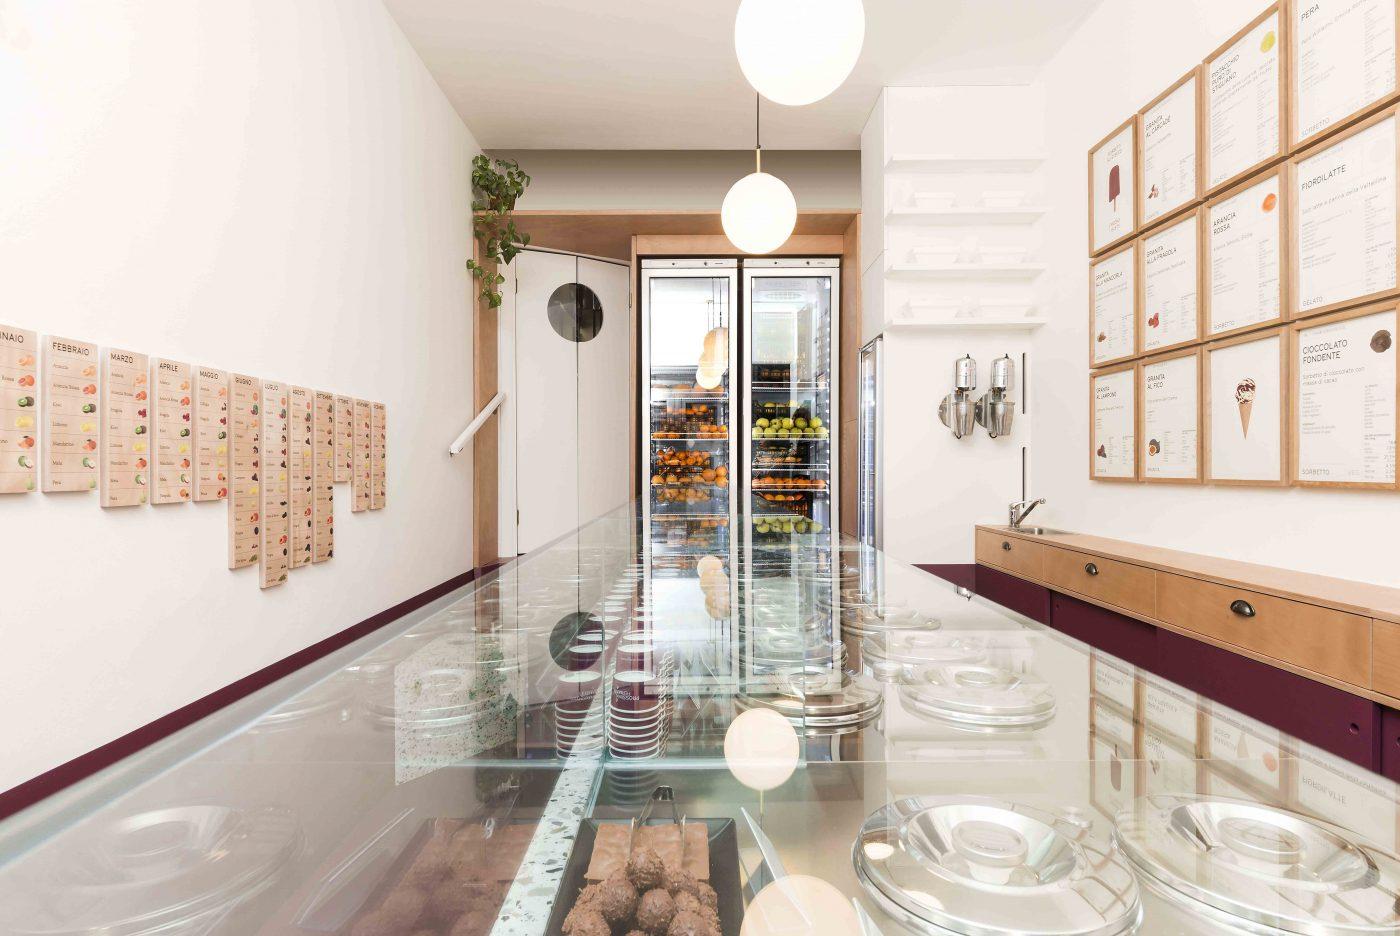 Imagine These Ice Cream Shop Interior Design Ice Cream Laboratory